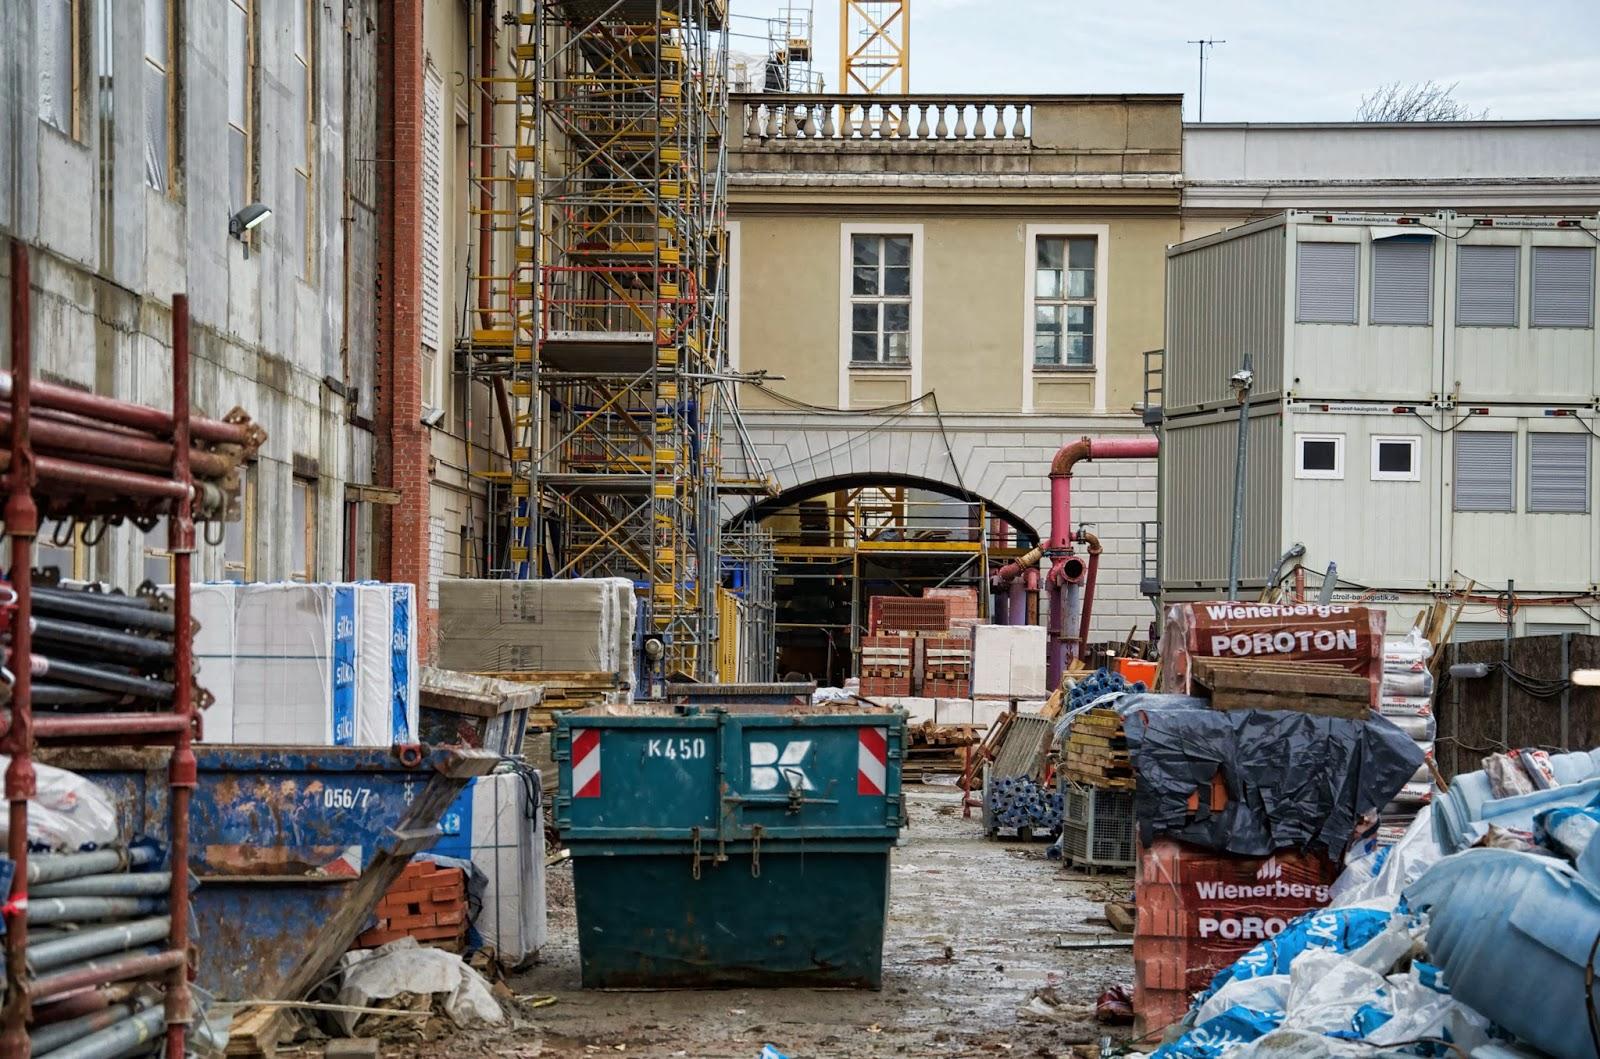 Baustelle Oberwallstraße / Werderscher Markt, 10117 Berlin, 22.12.2013